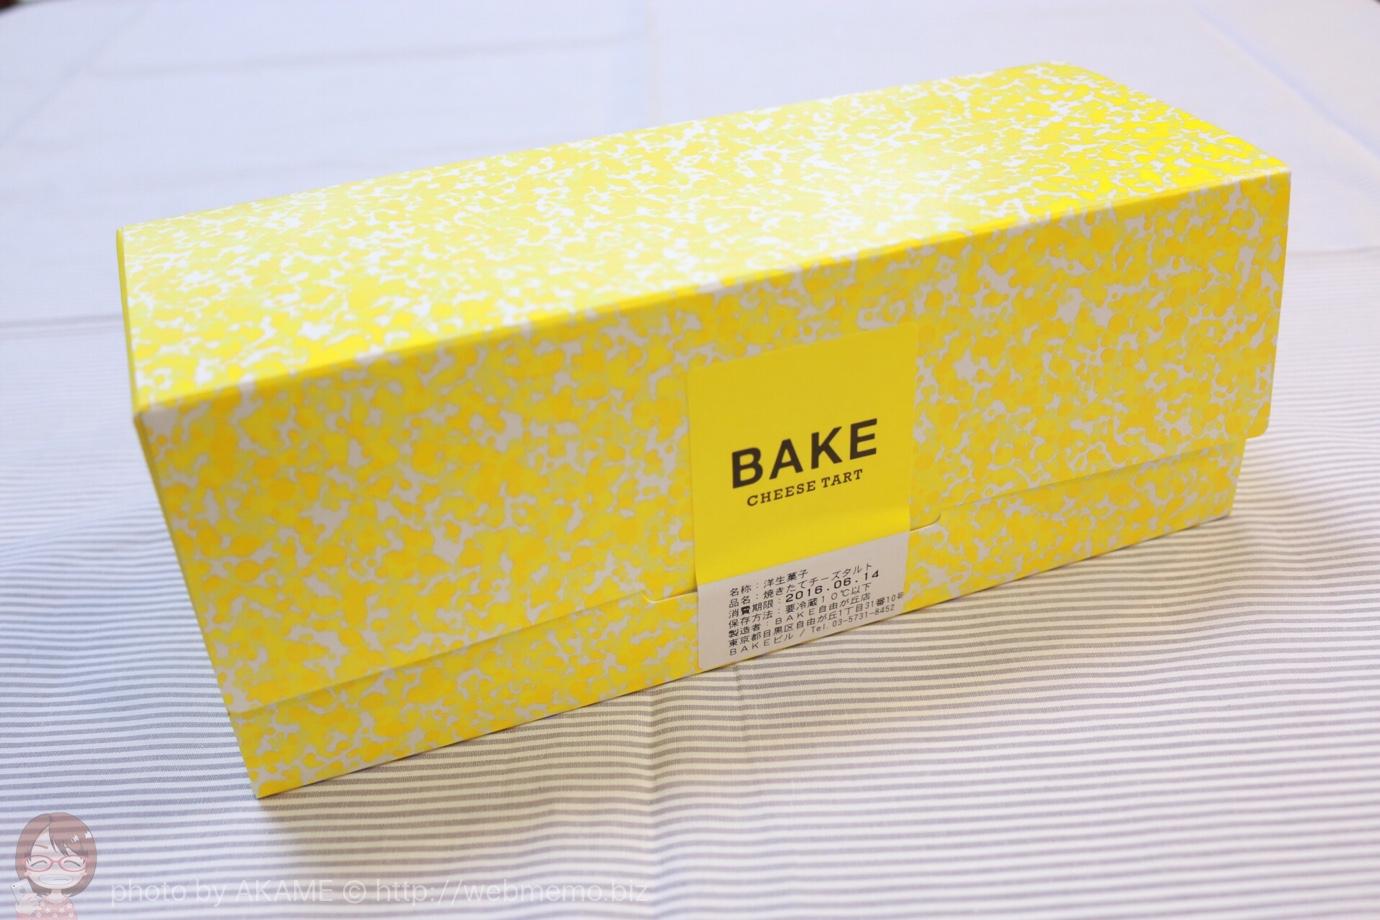 チーズタルト ボックス6個入り 1,242円